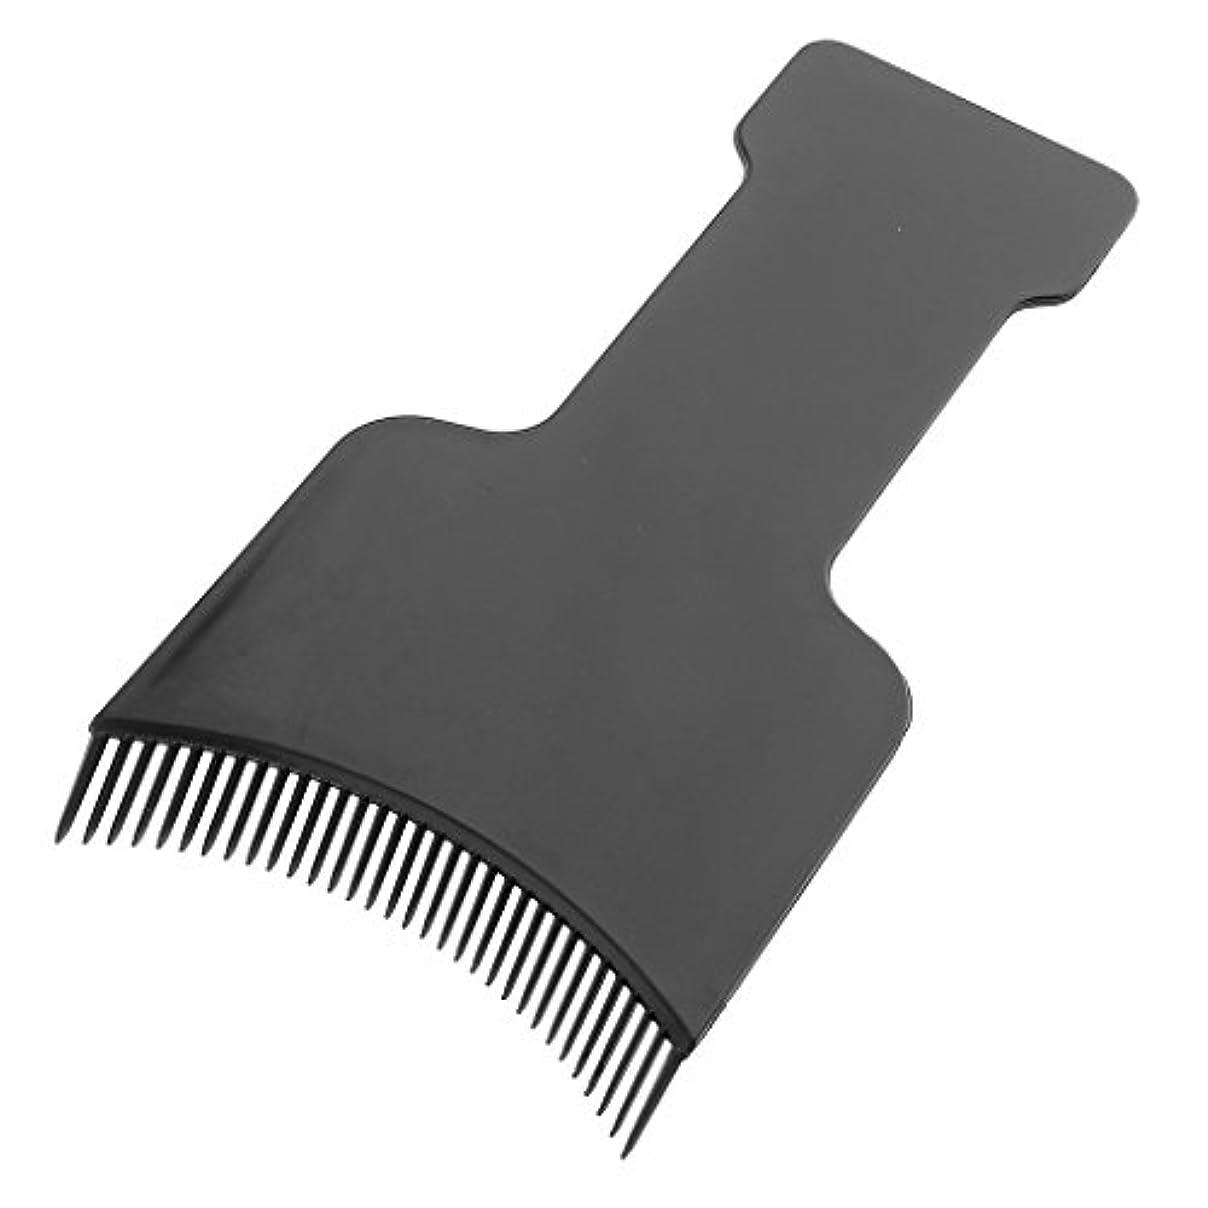 追い付く究極の一掃するBlesiya 染色ティントプレート ヘアカラー ボード 美容 ヘア ツール 髪 保護 ブラック 実用 便利 全4サイズ  - S